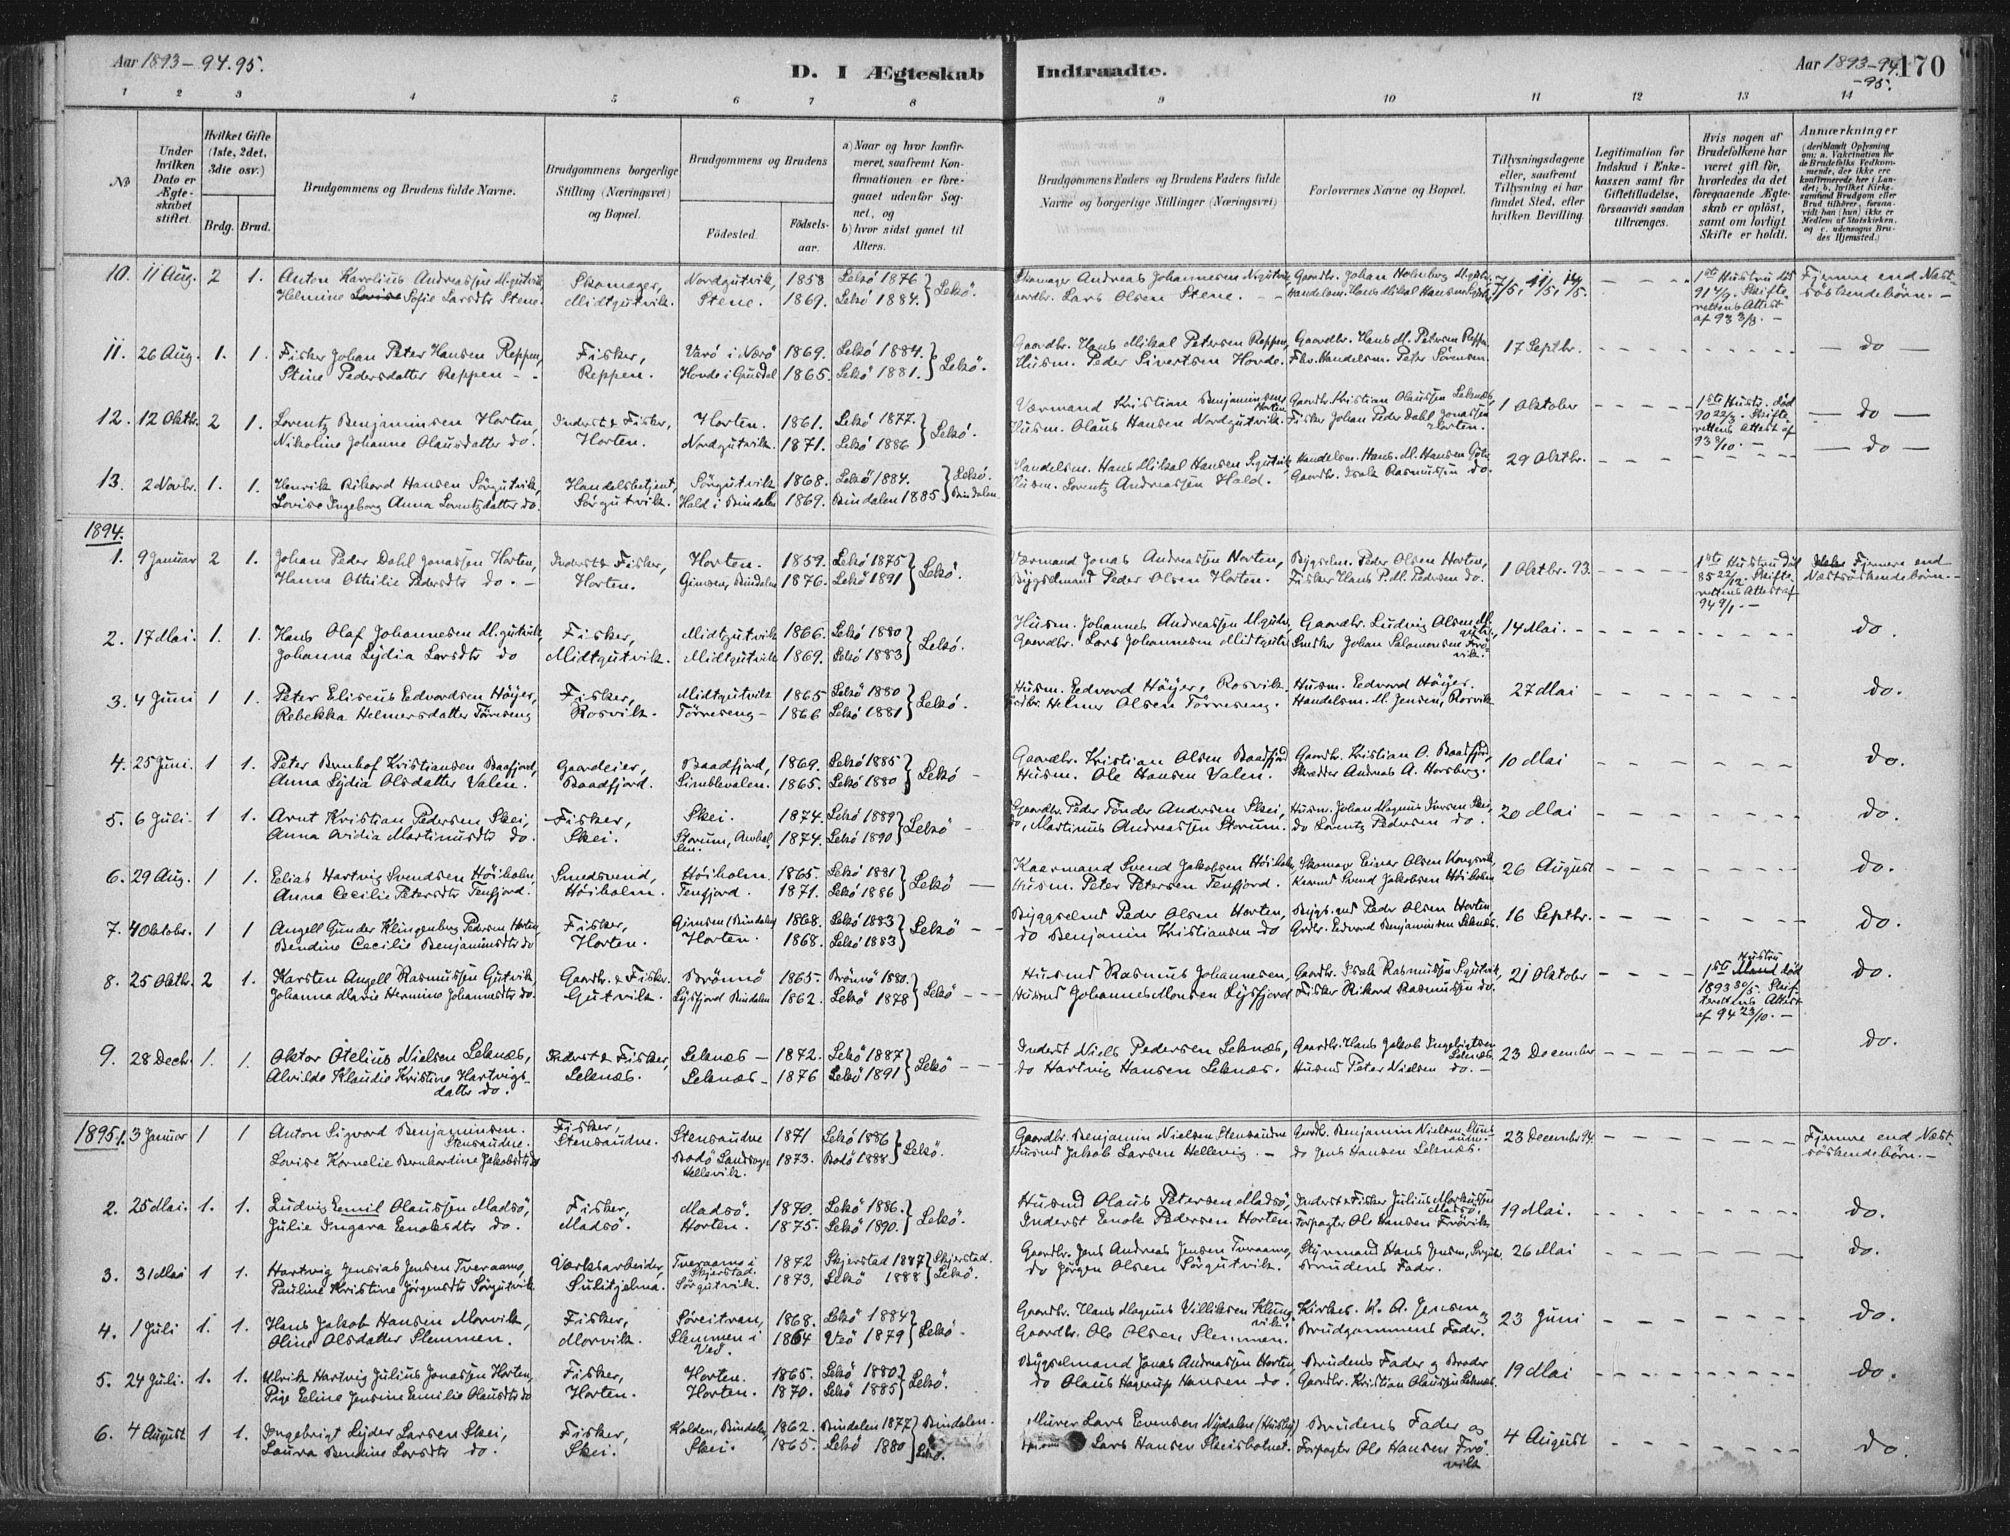 SAT, Ministerialprotokoller, klokkerbøker og fødselsregistre - Nord-Trøndelag, 788/L0697: Parish register (official) no. 788A04, 1878-1902, p. 170